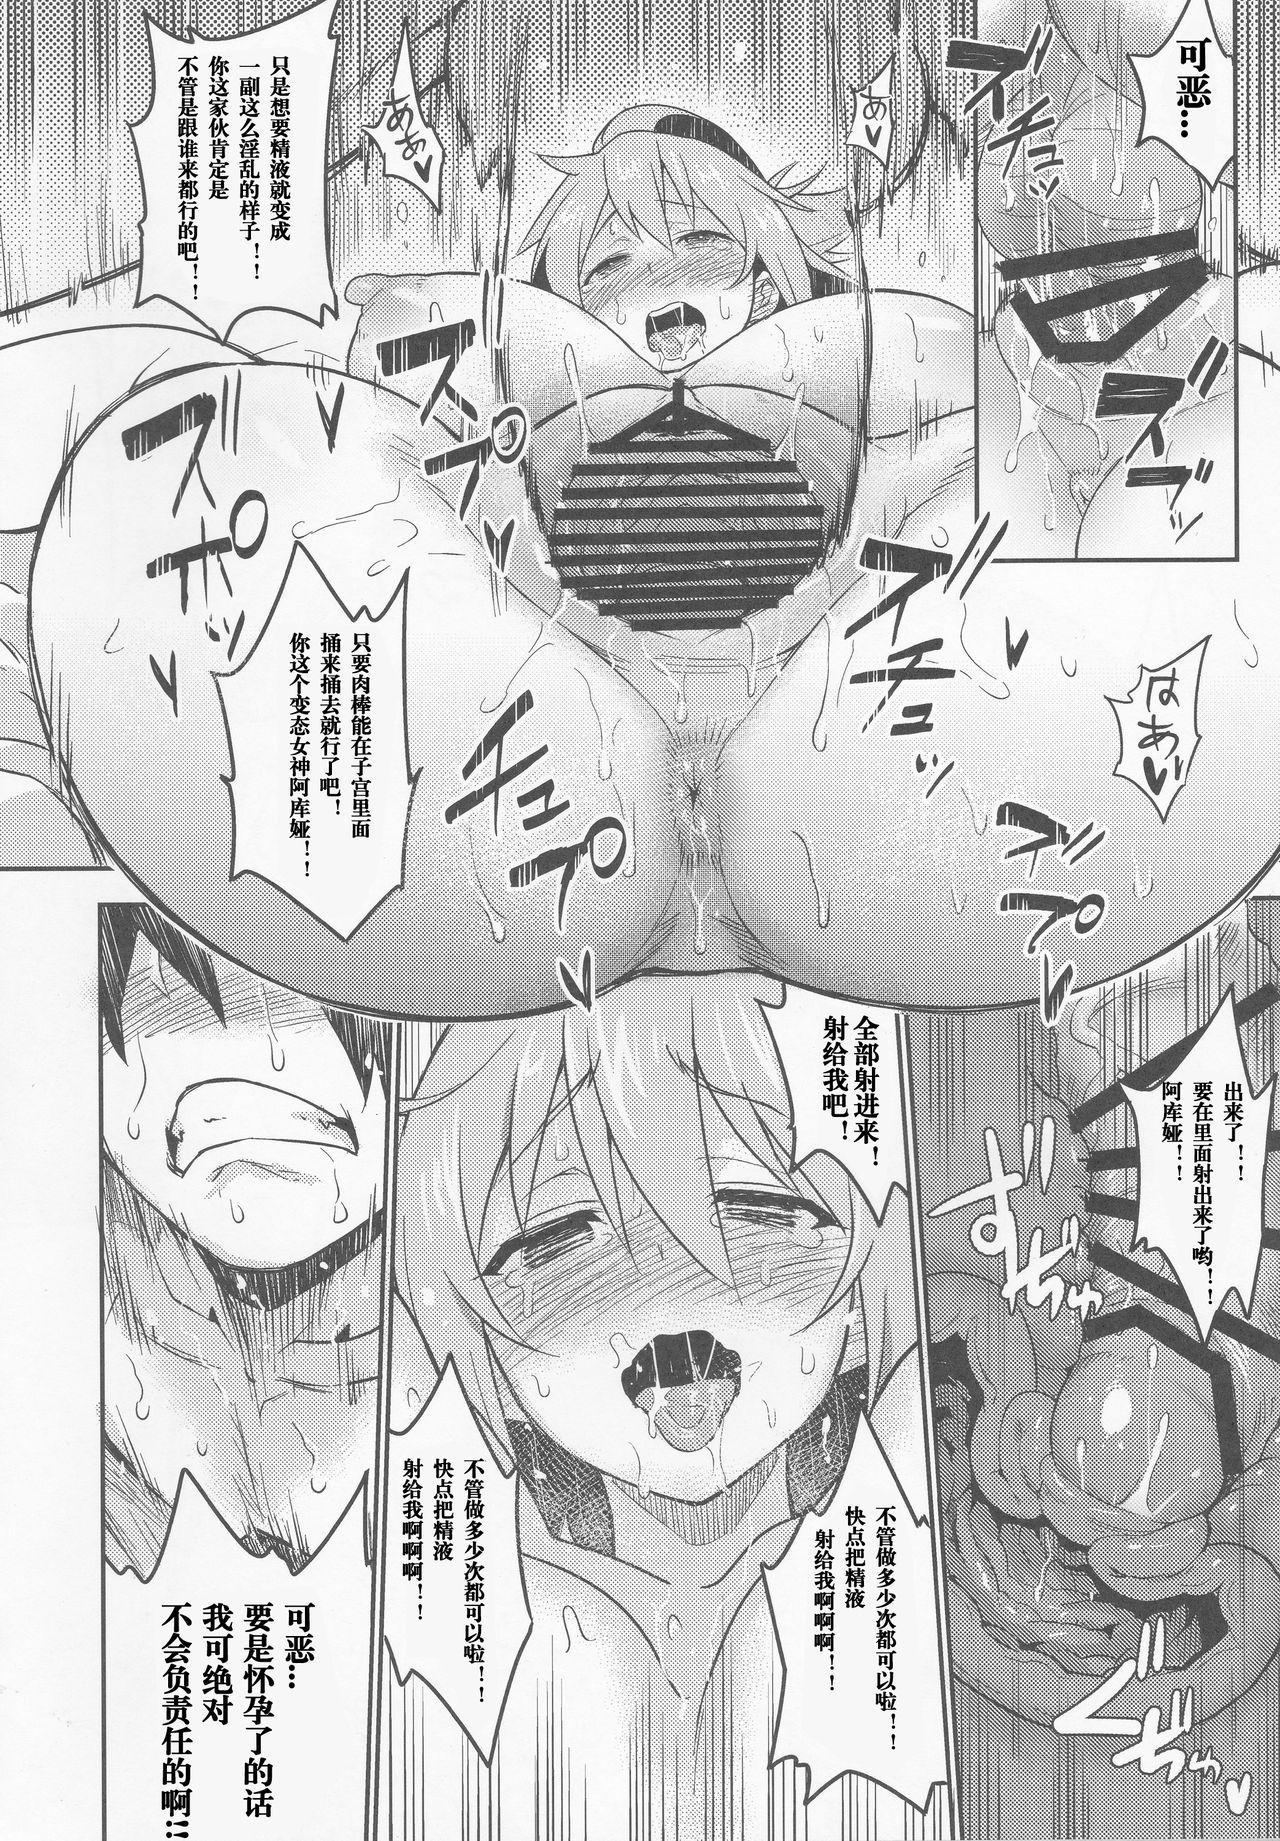 Kono Subarashii Sekai ni Teisou o!! 11